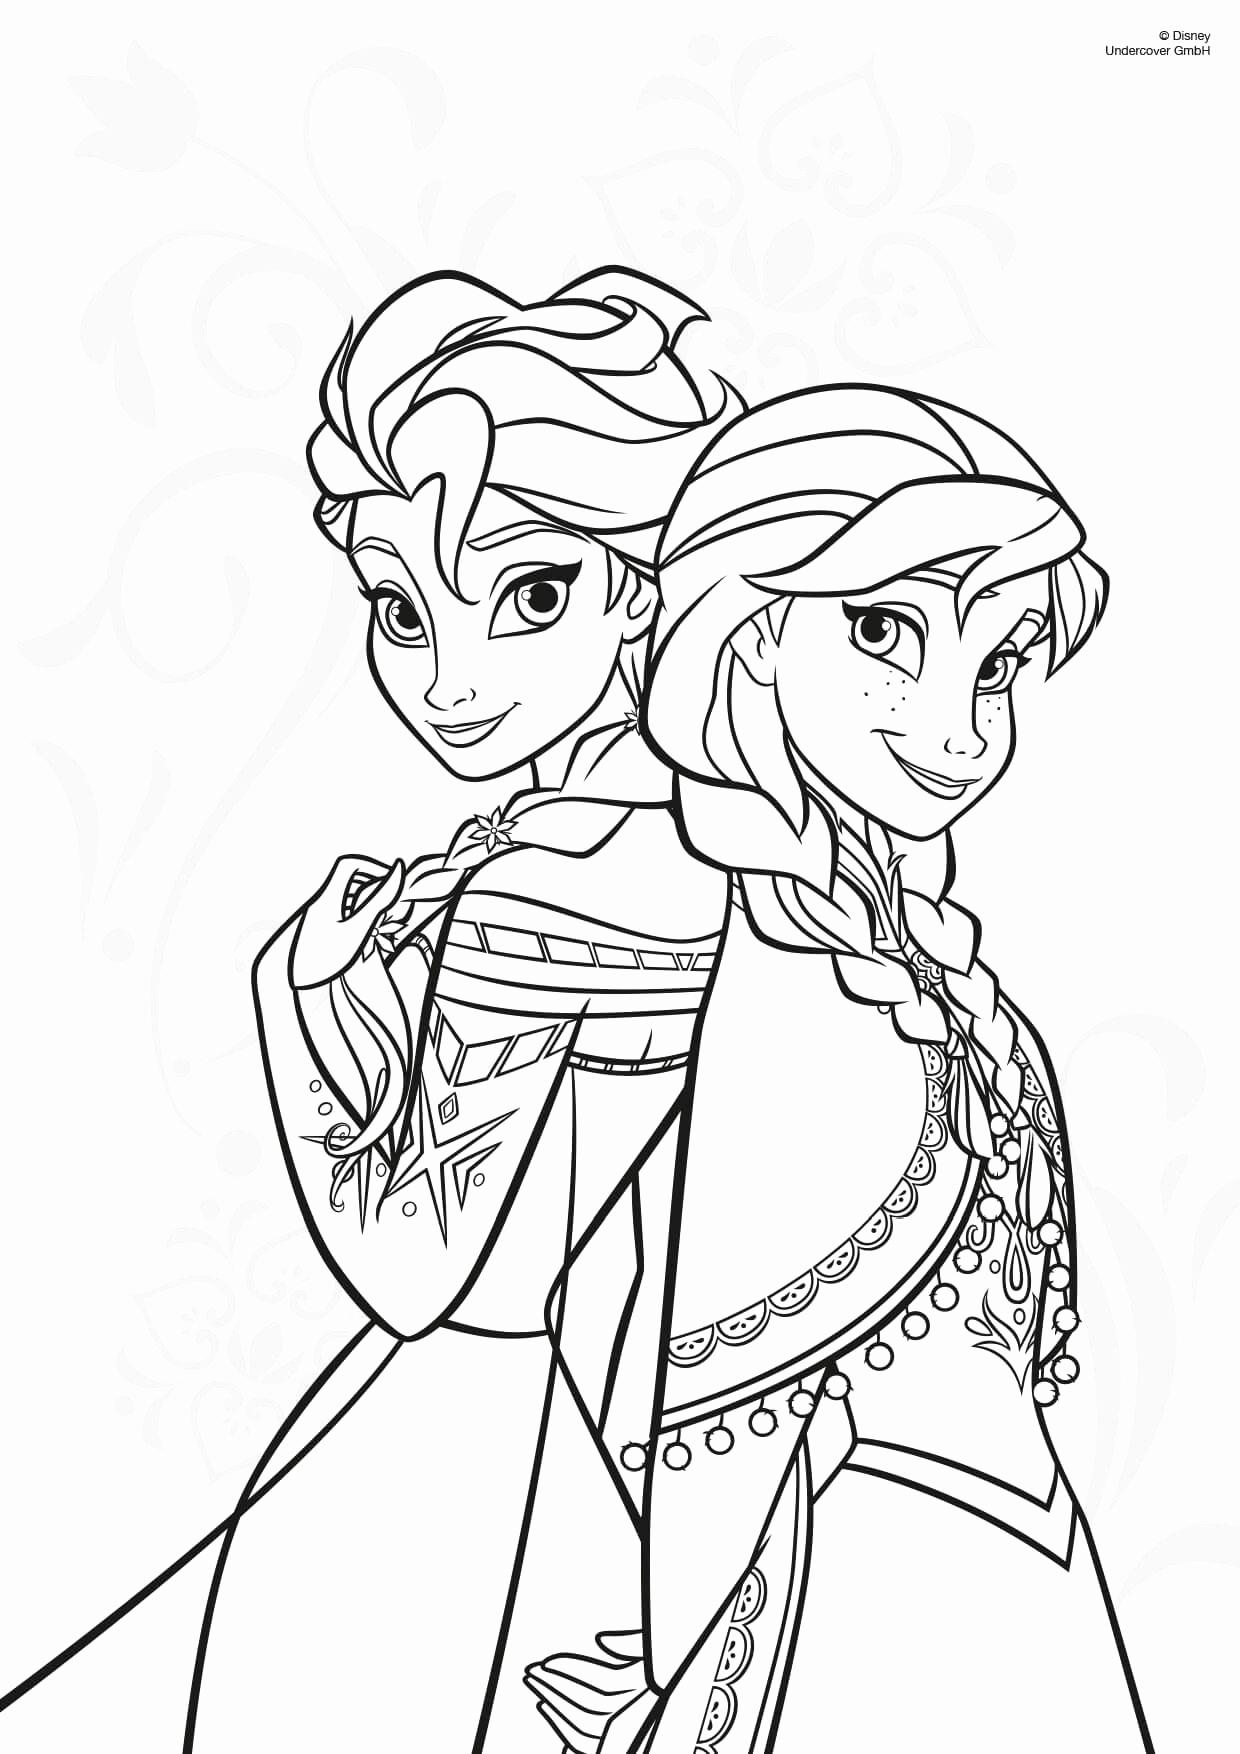 Ausmalbilder Anna Und Elsa Kostenlos Best Anna Und Elsa bestimmt für Anna Und Elsa Ausmalbilder Zum Ausdrucken